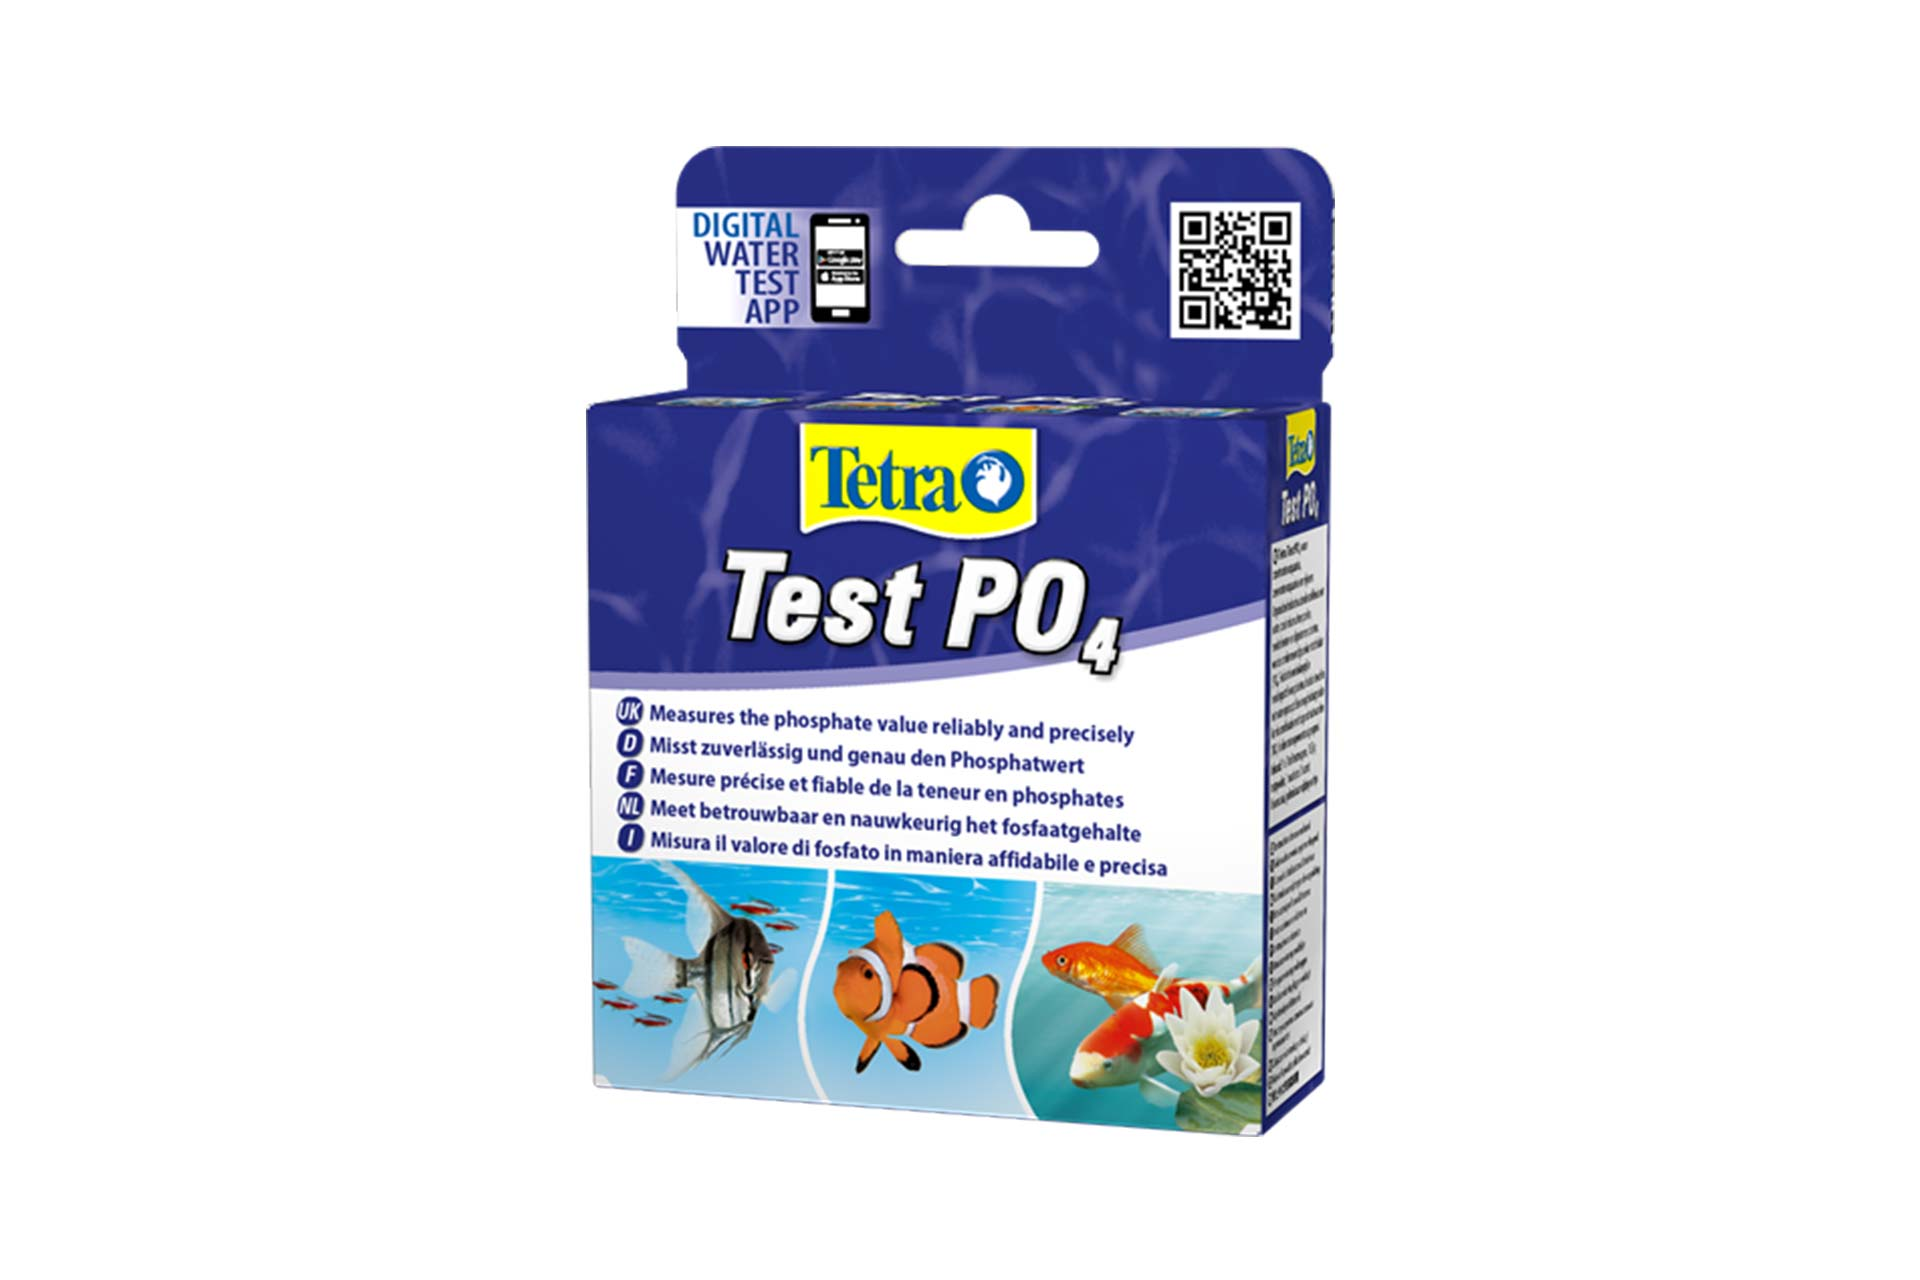 Tetra Test PO4 (Phosphate)